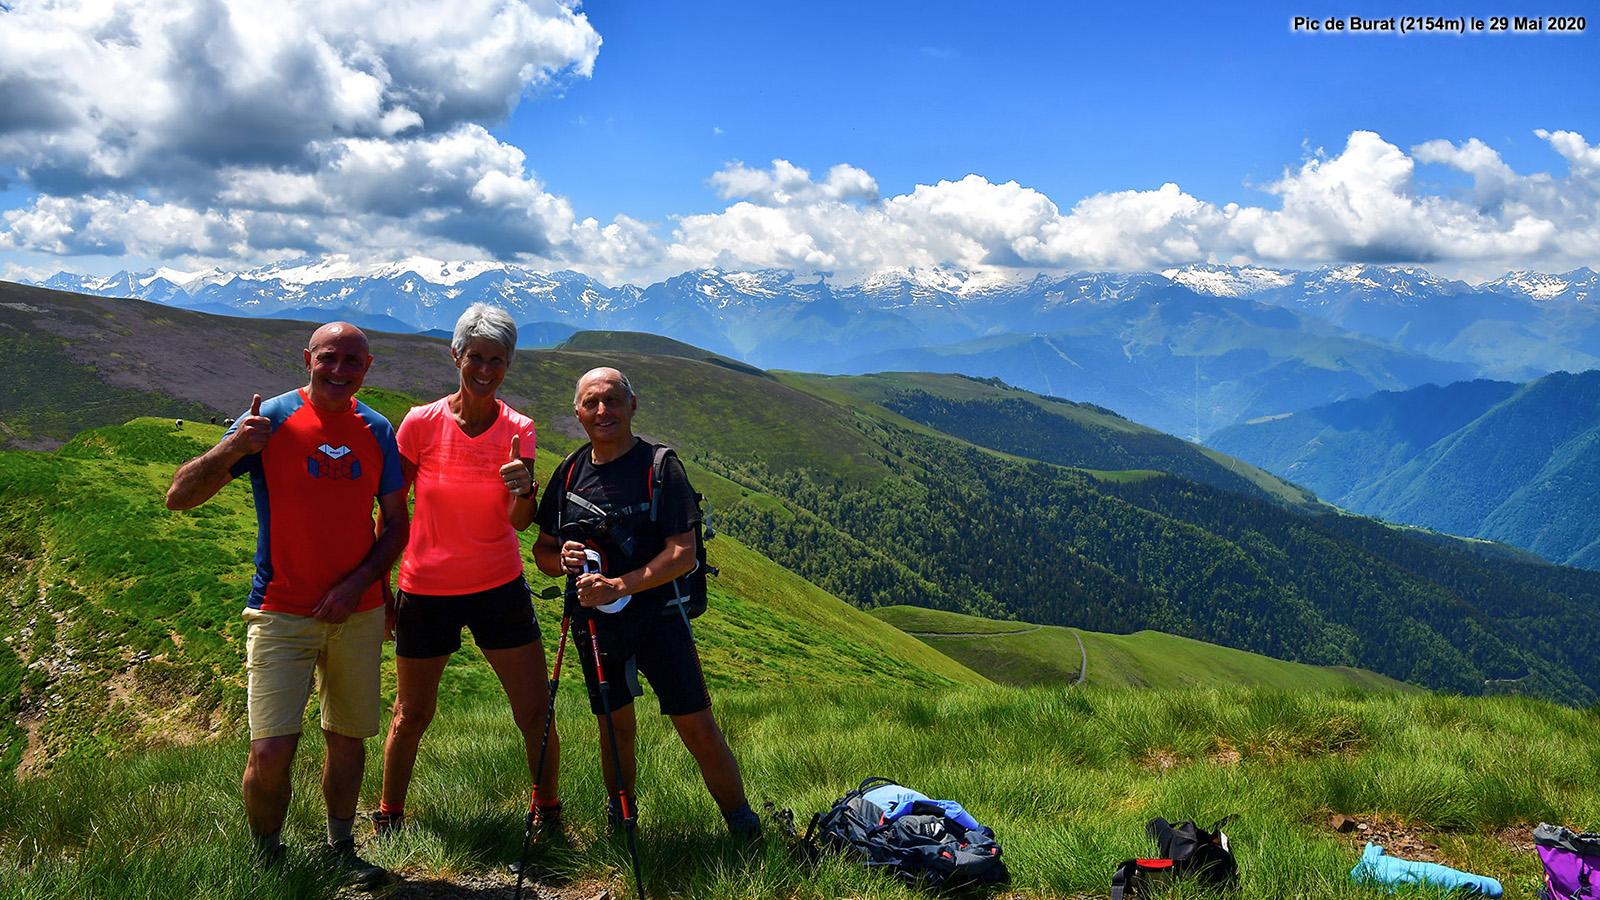 Randonnée Pic de Burat (2154m)